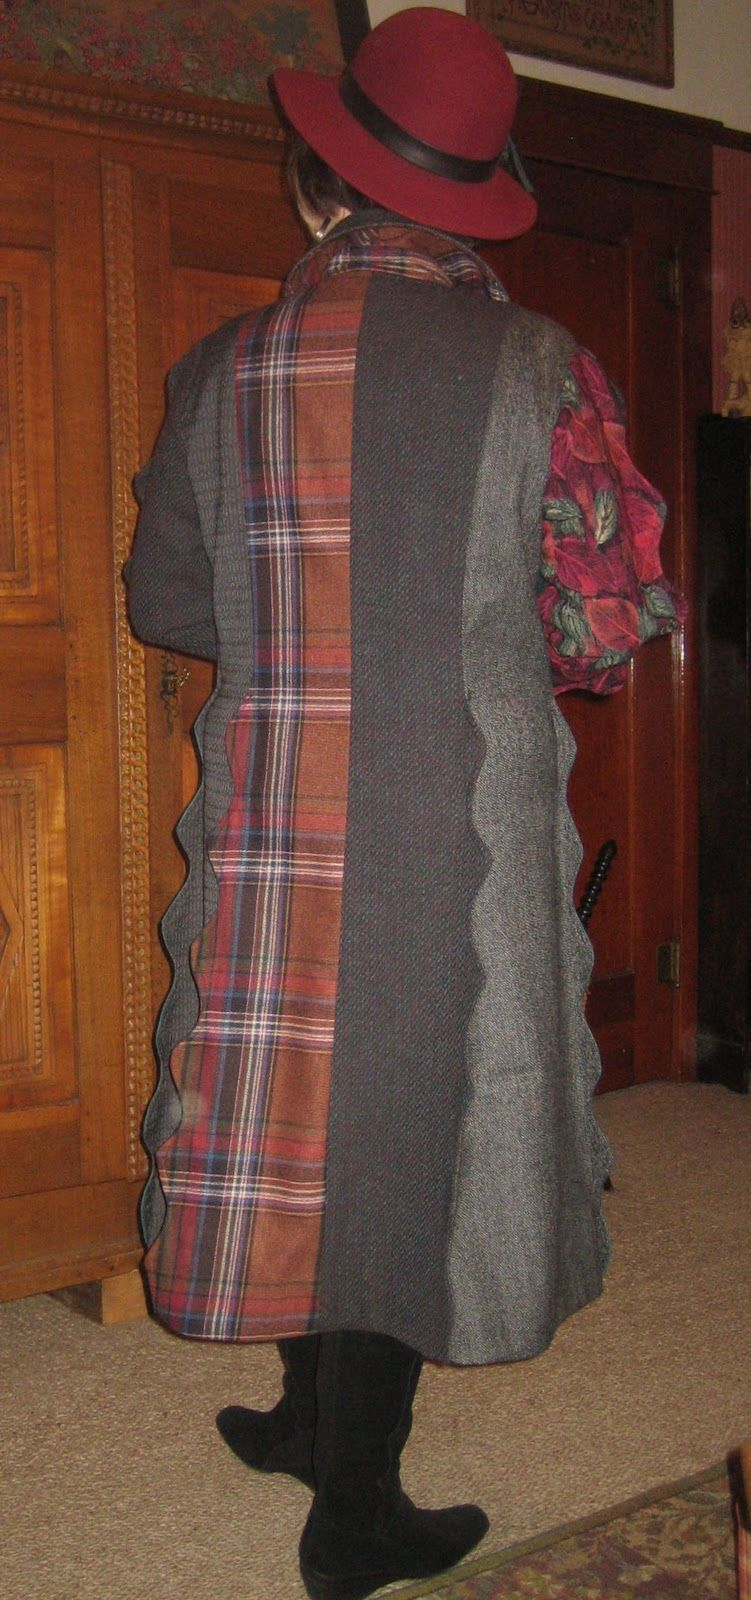 koos van den akker patterns   Vogue 1213 Koos Van Den Akker design coat